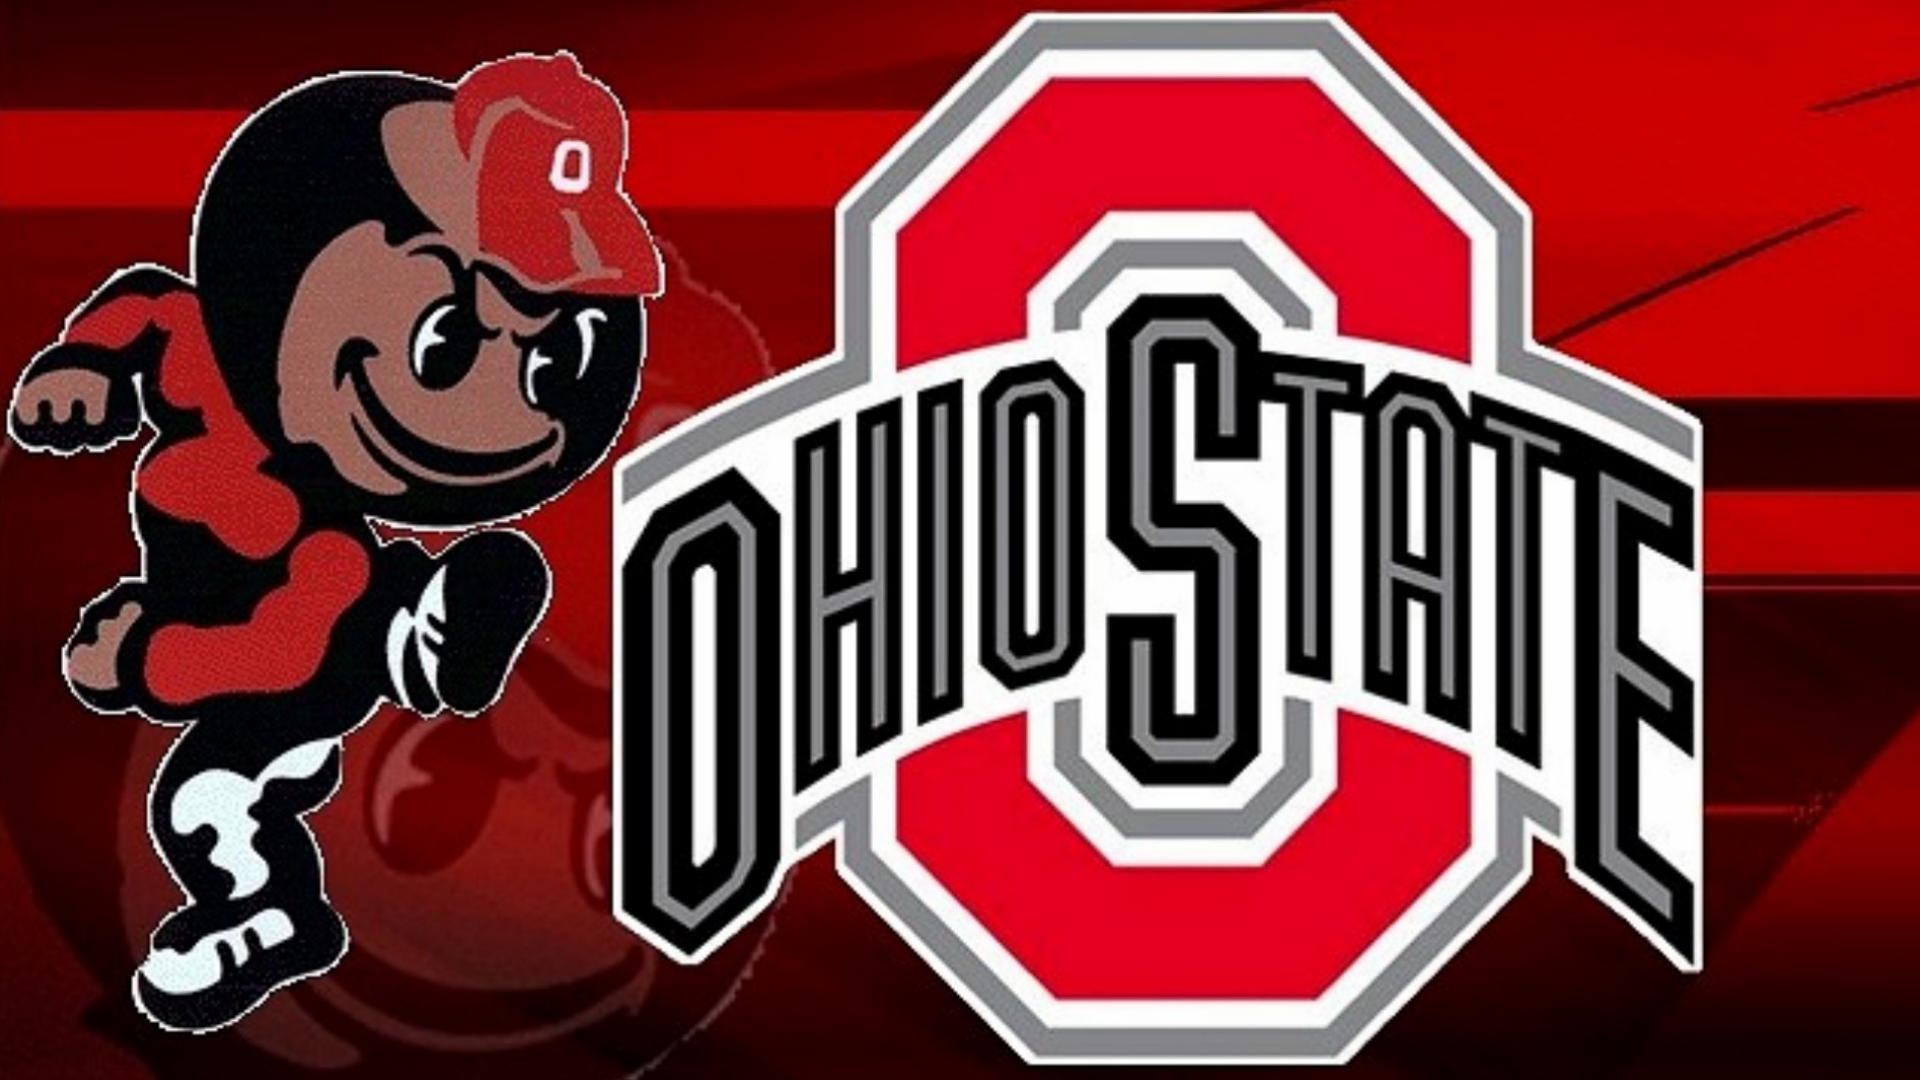 Ohio state university brutus buckeye statue - Brutus Buckey Red Block O Ohio State Ohio State Football Wallpaper